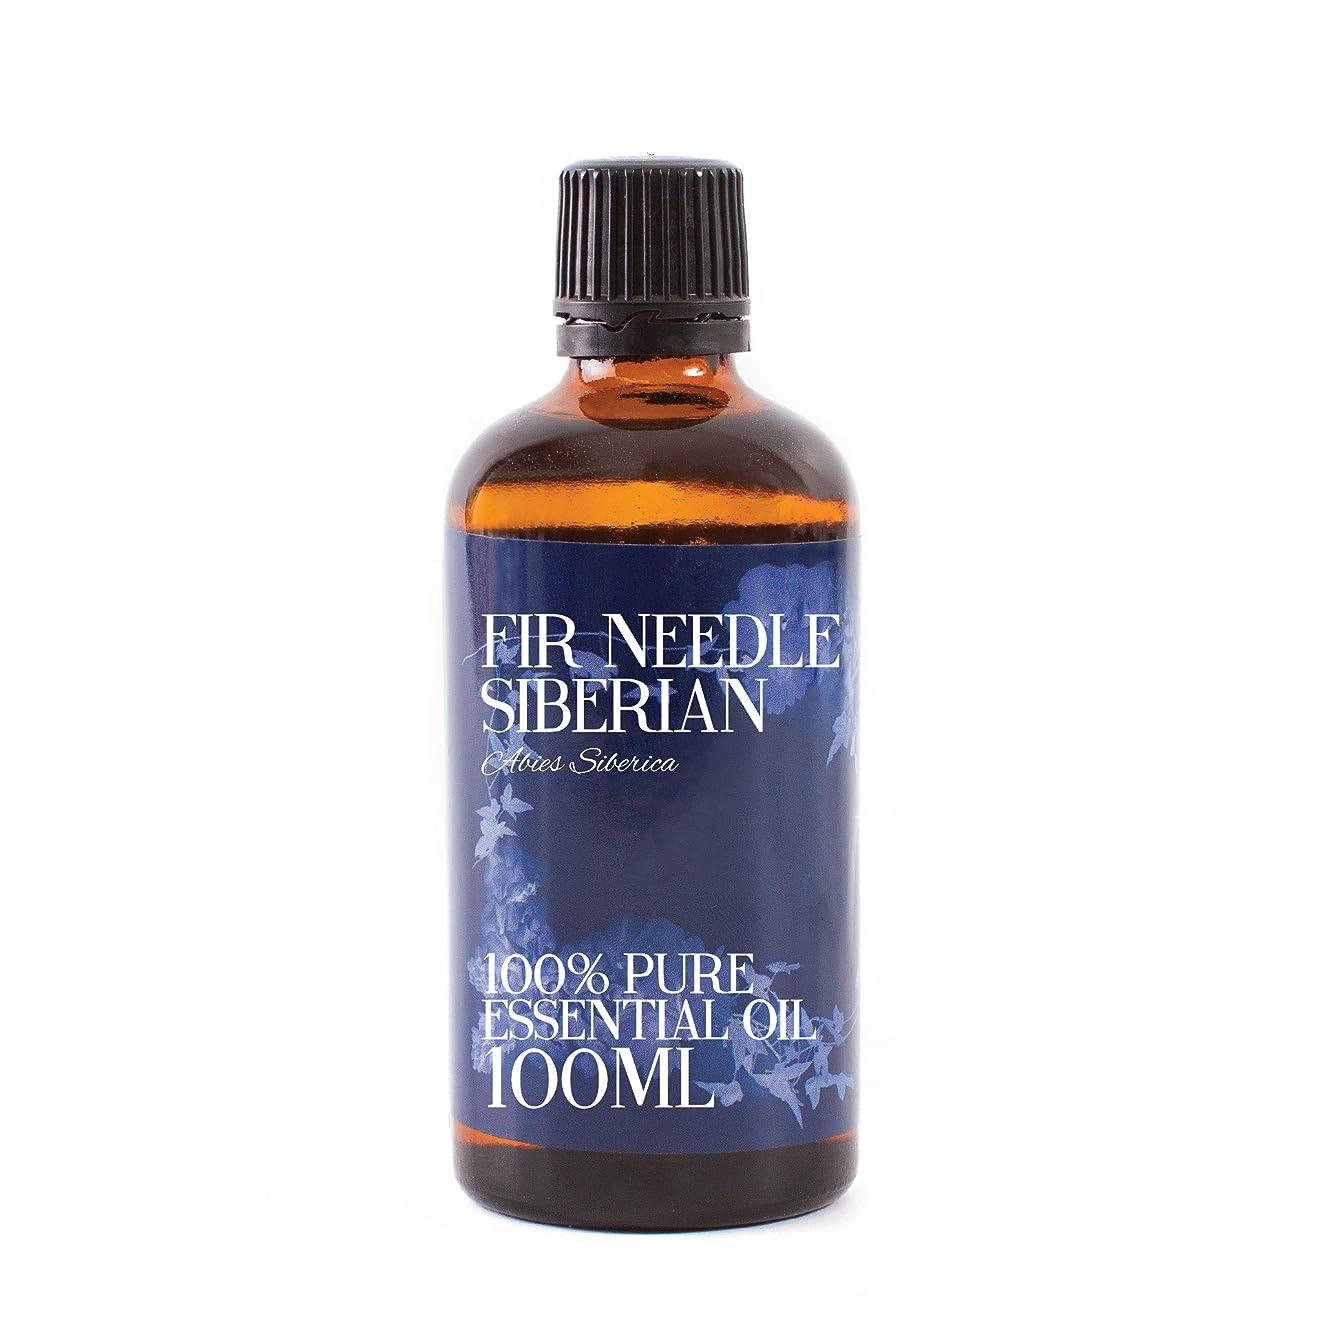 広告腐敗オピエートMystic Moments | Fir Needle Siberian Essential Oil - 100ml - 100% Pure